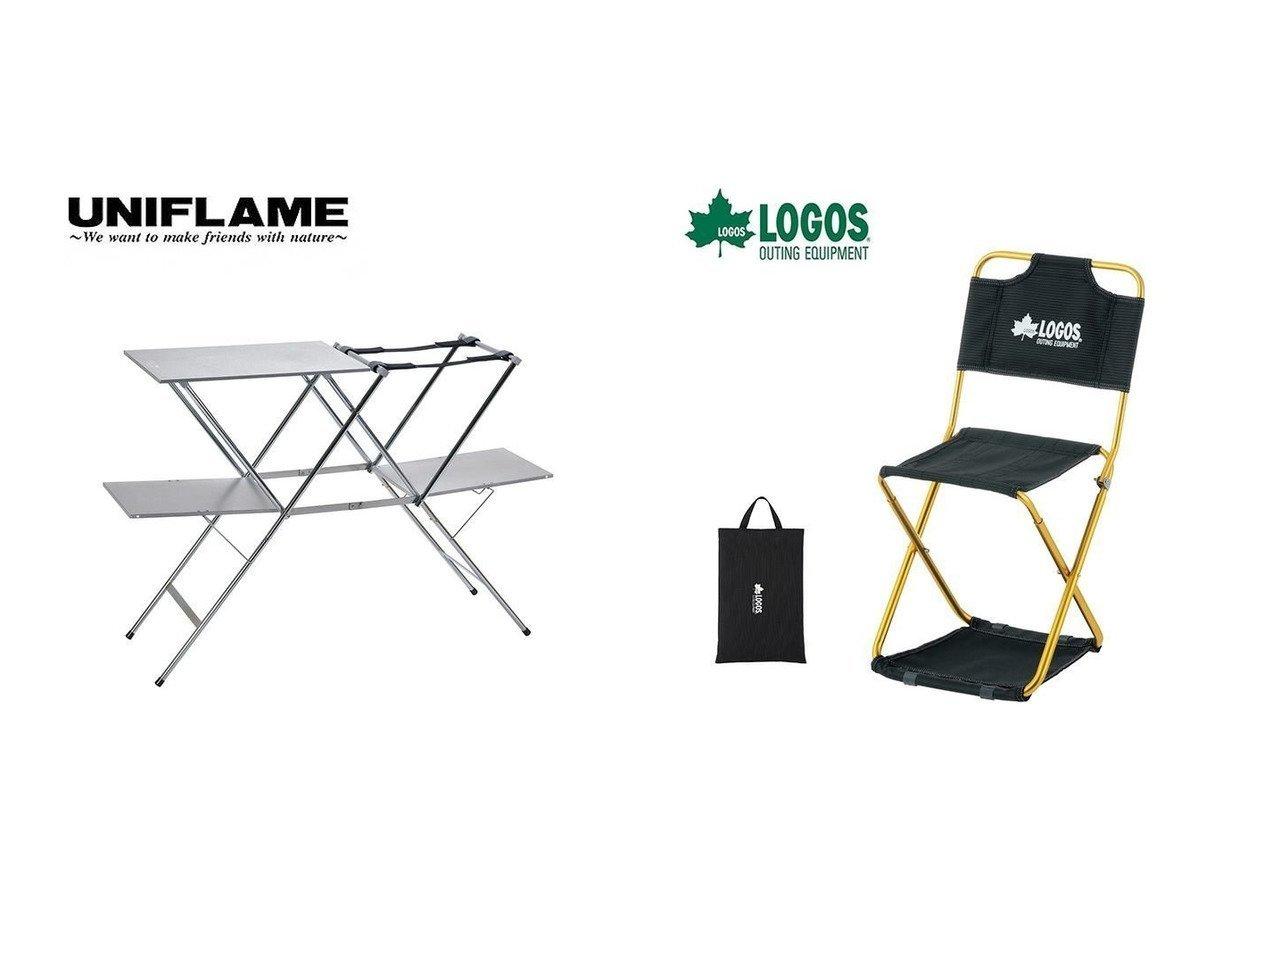 【LOGOS/ロゴス】のSHIZUMAN7075 トレックチェア&【UNIFLAME/ユニフレーム】のキッチンスタンド3 おすすめ!人気キャンプ・アウトドア用品の通販 おすすめで人気の流行・トレンド、ファッションの通販商品 インテリア・家具・メンズファッション・キッズファッション・レディースファッション・服の通販 founy(ファニー) https://founy.com/ スタンド フレーム コンパクト スリム 軽量 ホーム・キャンプ・アウトドア Home,Garden,Outdoor,Camping Gear キャンプ用品・アウトドア  Camping Gear & Outdoor Supplies その他 雑貨 小物 Camping Tools ホーム・キャンプ・アウトドア Home,Garden,Outdoor,Camping Gear キャンプ用品・アウトドア  Camping Gear & Outdoor Supplies チェア テーブル Camp Chairs, Camping Tables  ID:crp329100000062775